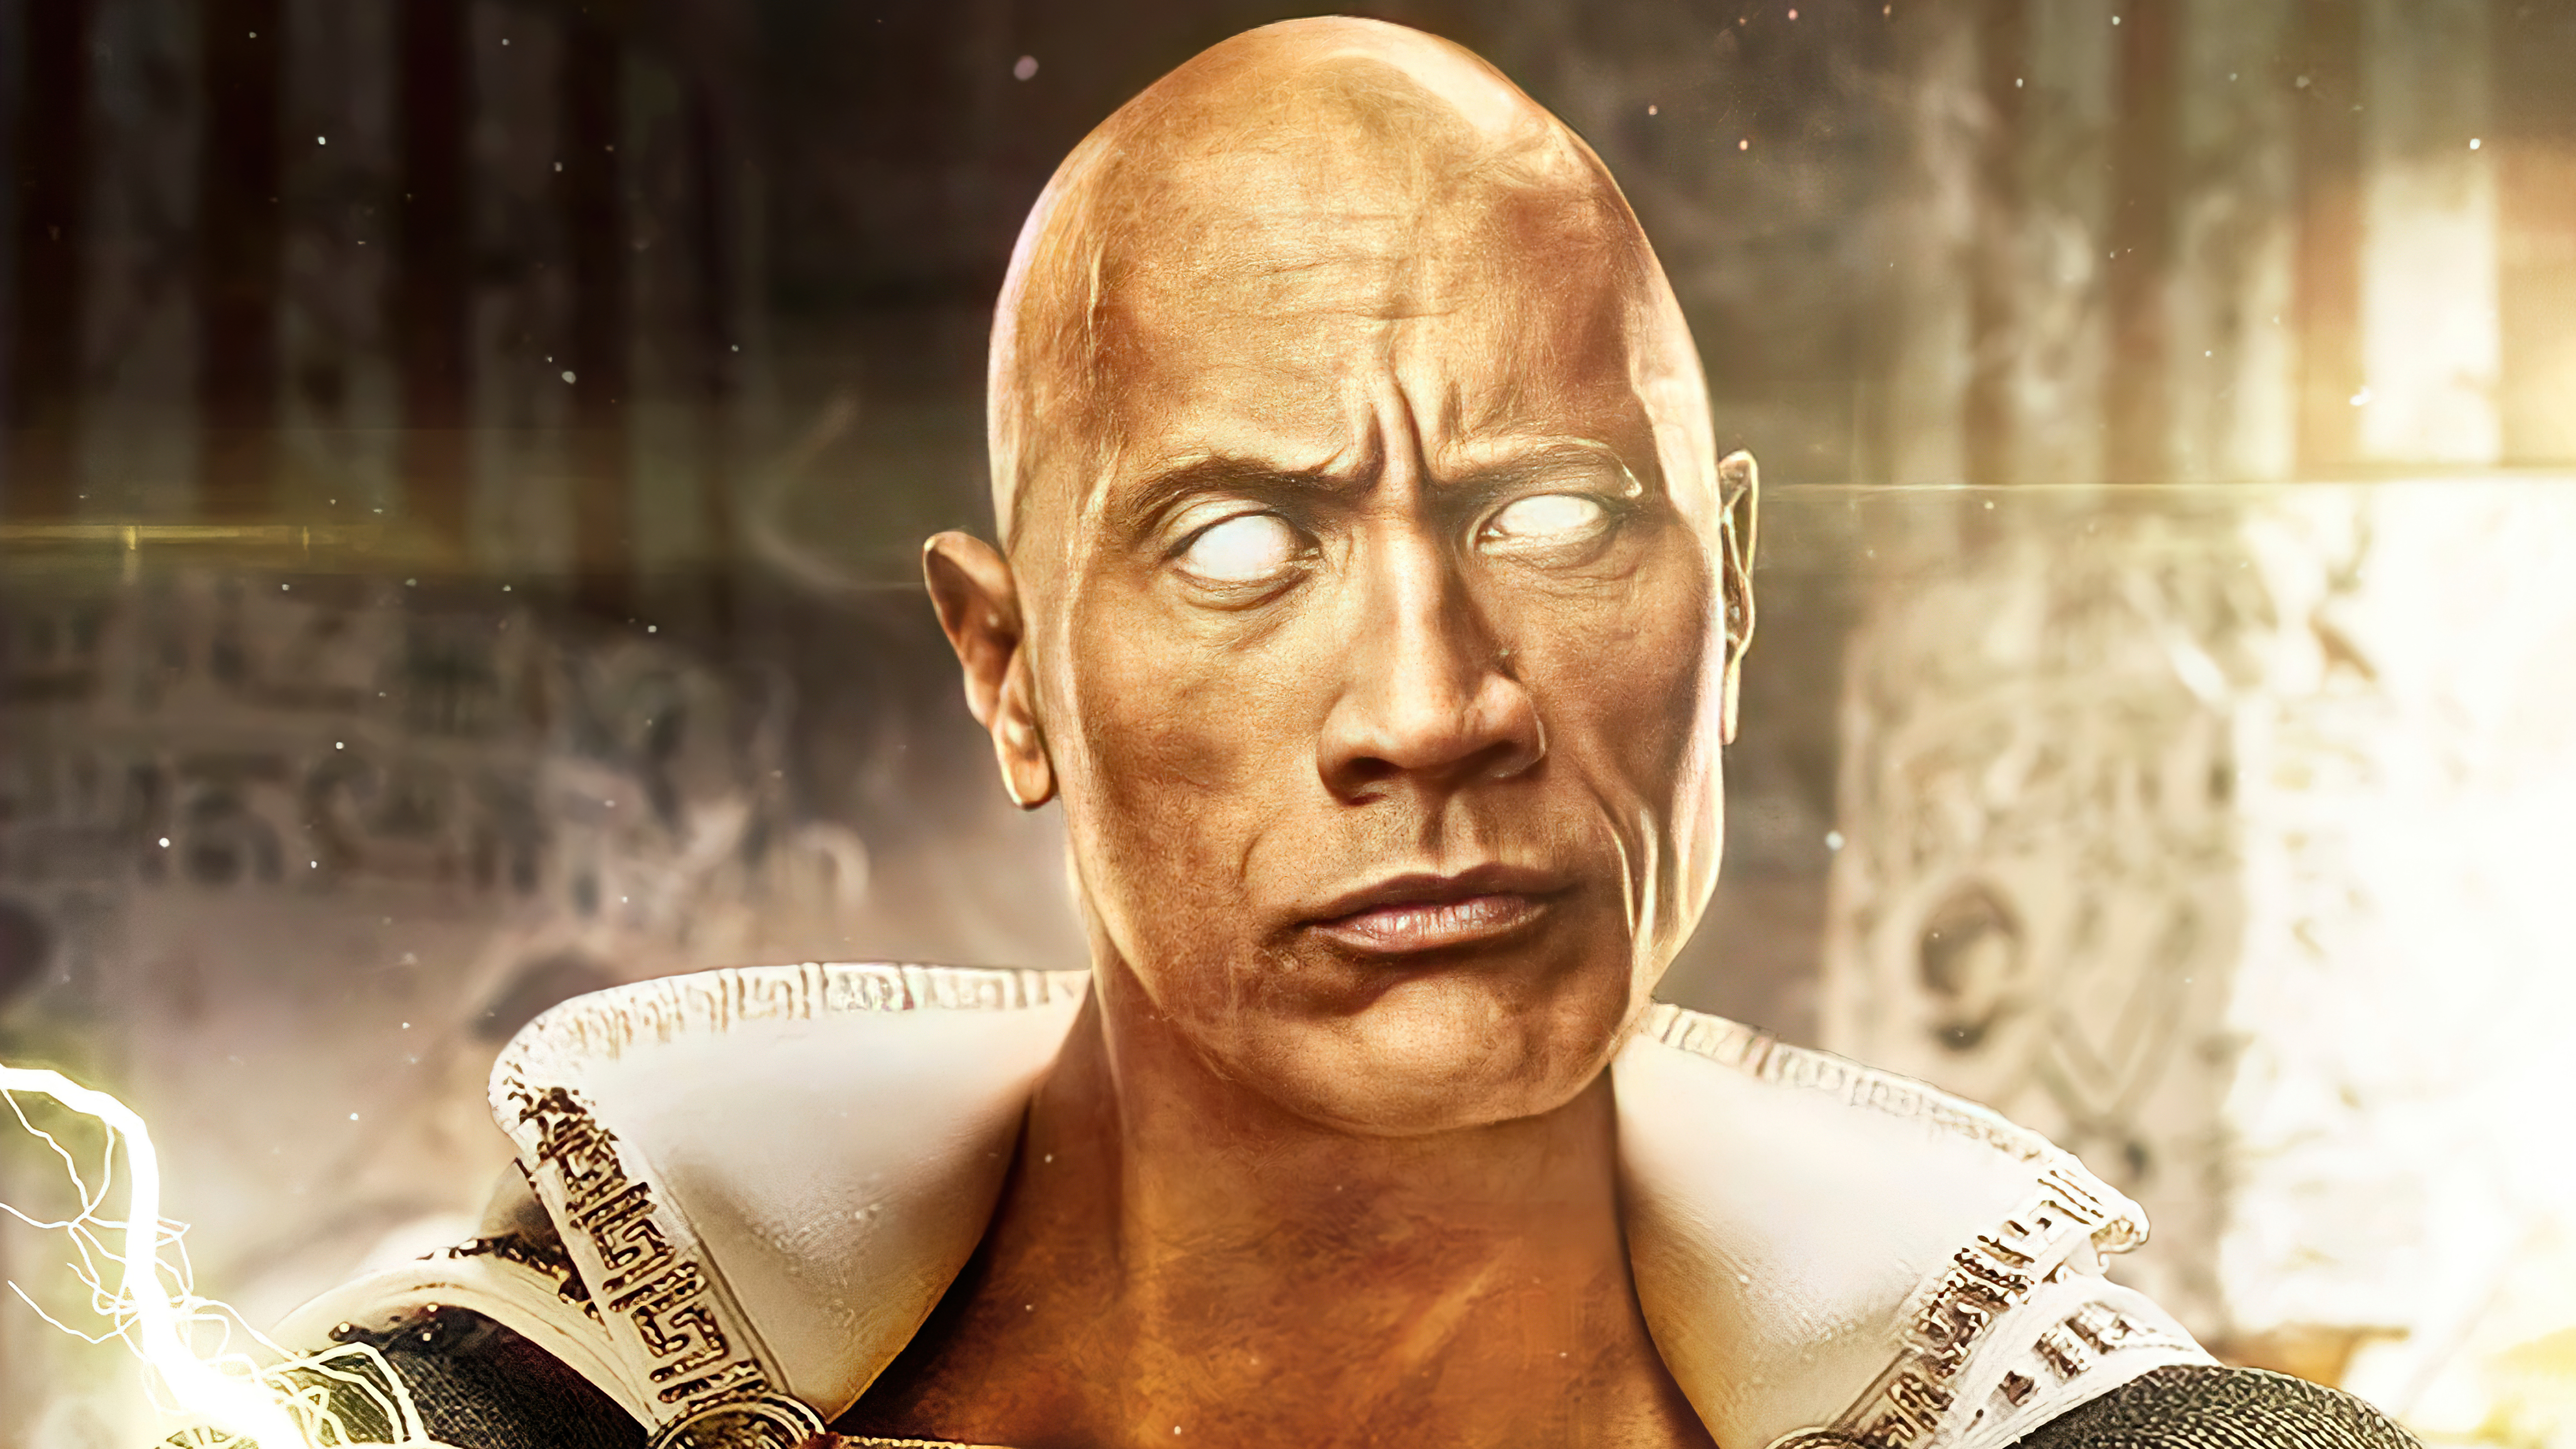 Fondos de pantalla La roca como Black Adam